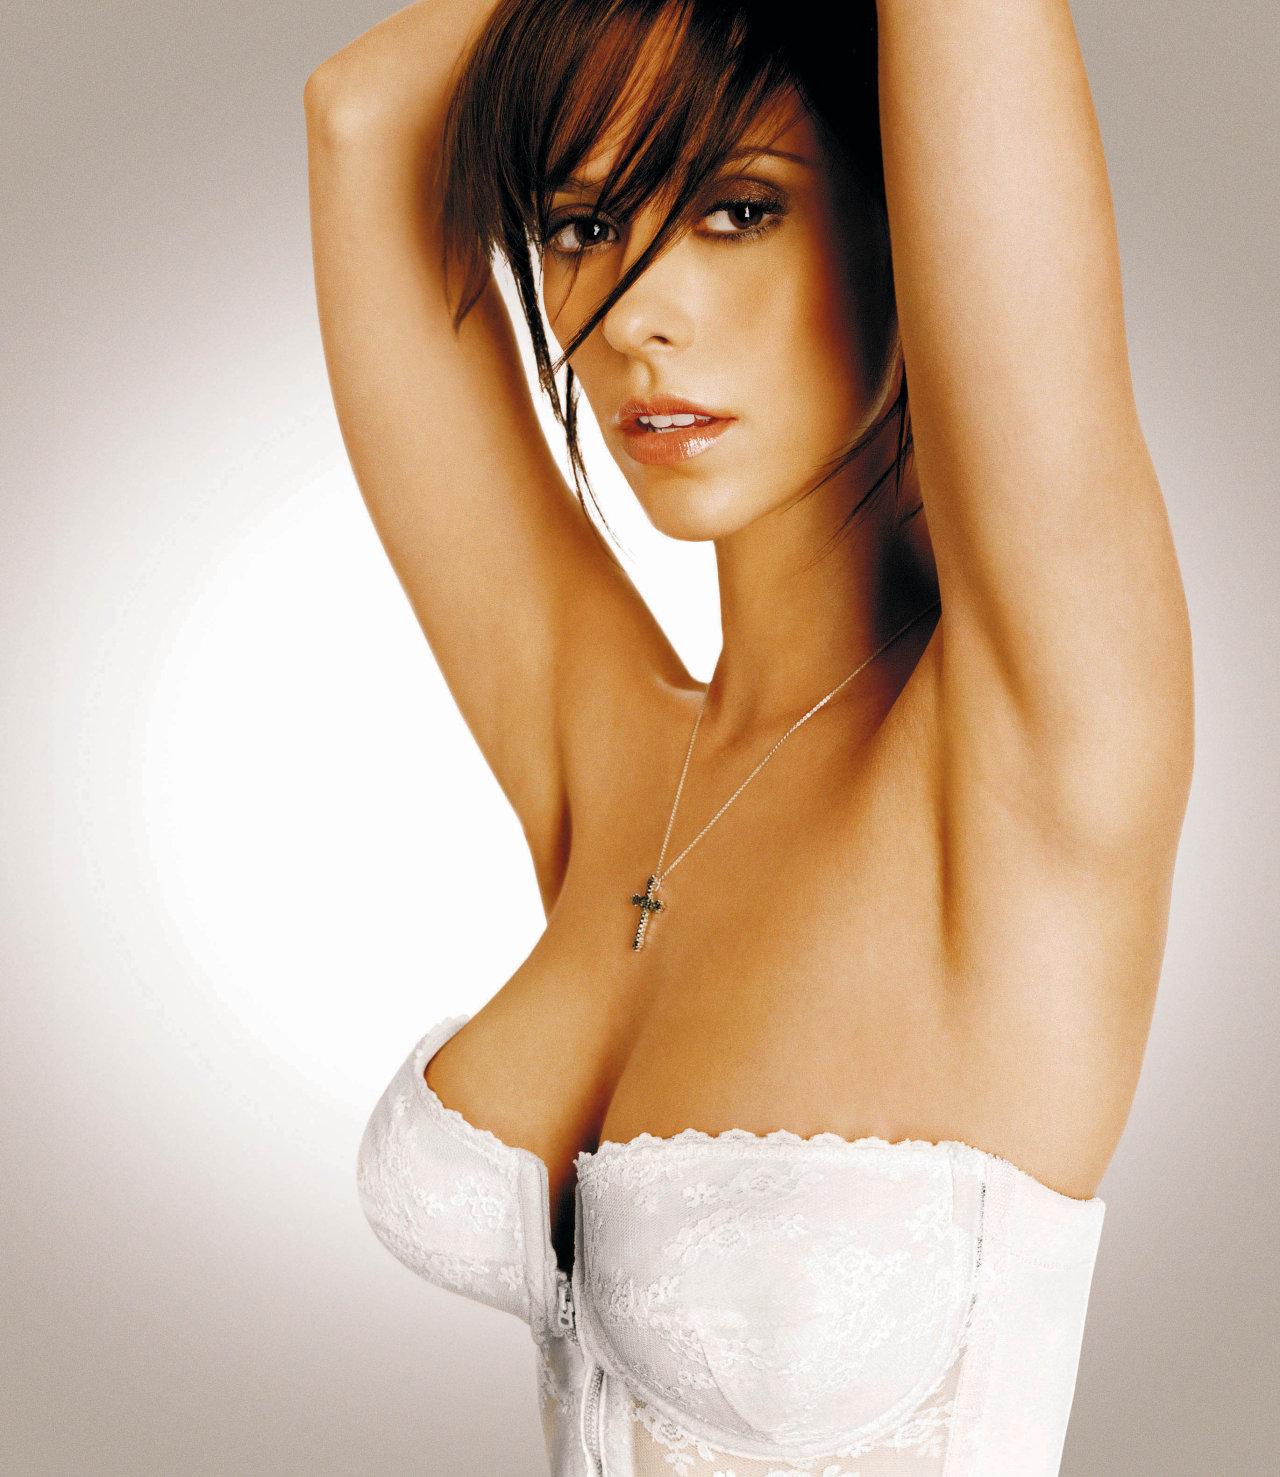 http://2.bp.blogspot.com/_bYDjoAag6ok/TTUnSSsbgSI/AAAAAAAAC-k/0wyeIuVidoA/s1600/Jennifer+Love+Hewitt+20.jpg